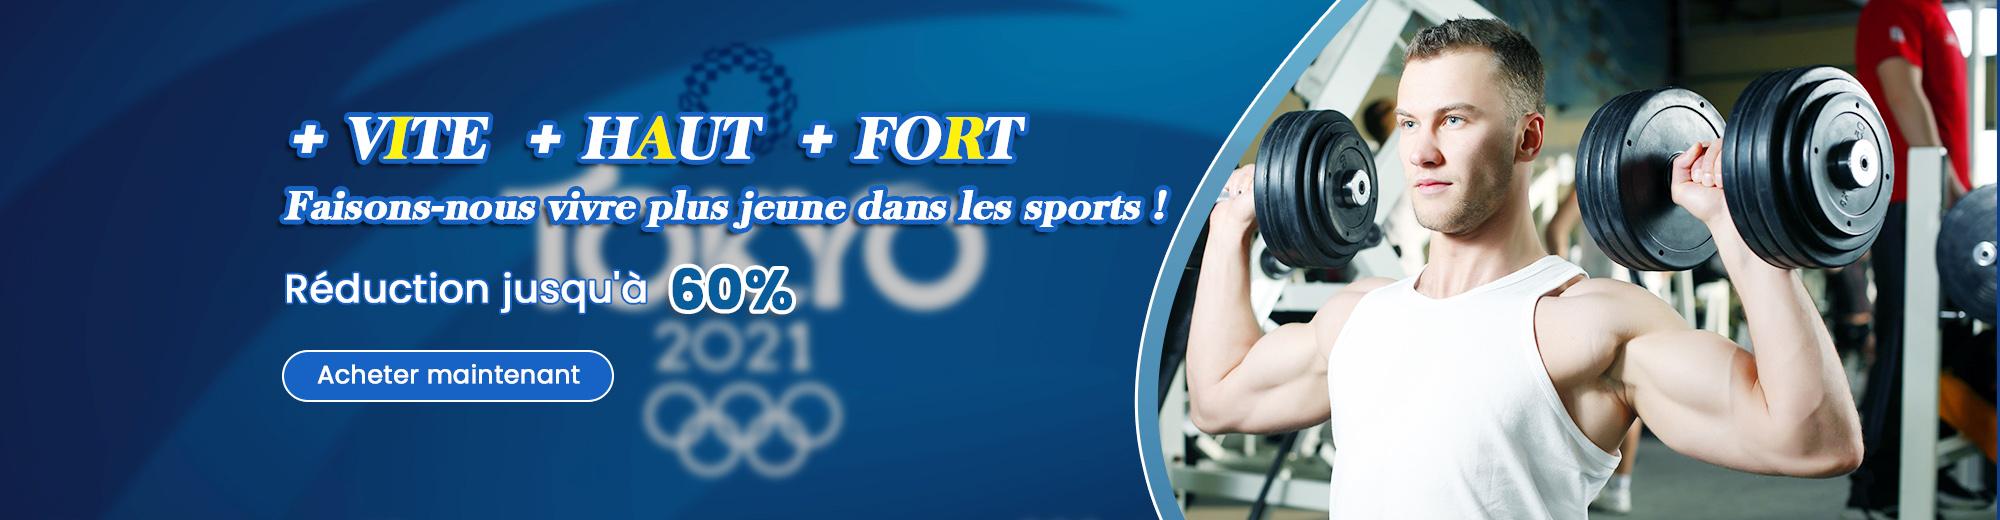 Êtes-vous prêt pour la saison des Jeux Olympiques 2021? Ne ratez pas nos offres spéciales sur les articles de sport et profitez d'une livraison gratuite sur tout le site costway.fr!